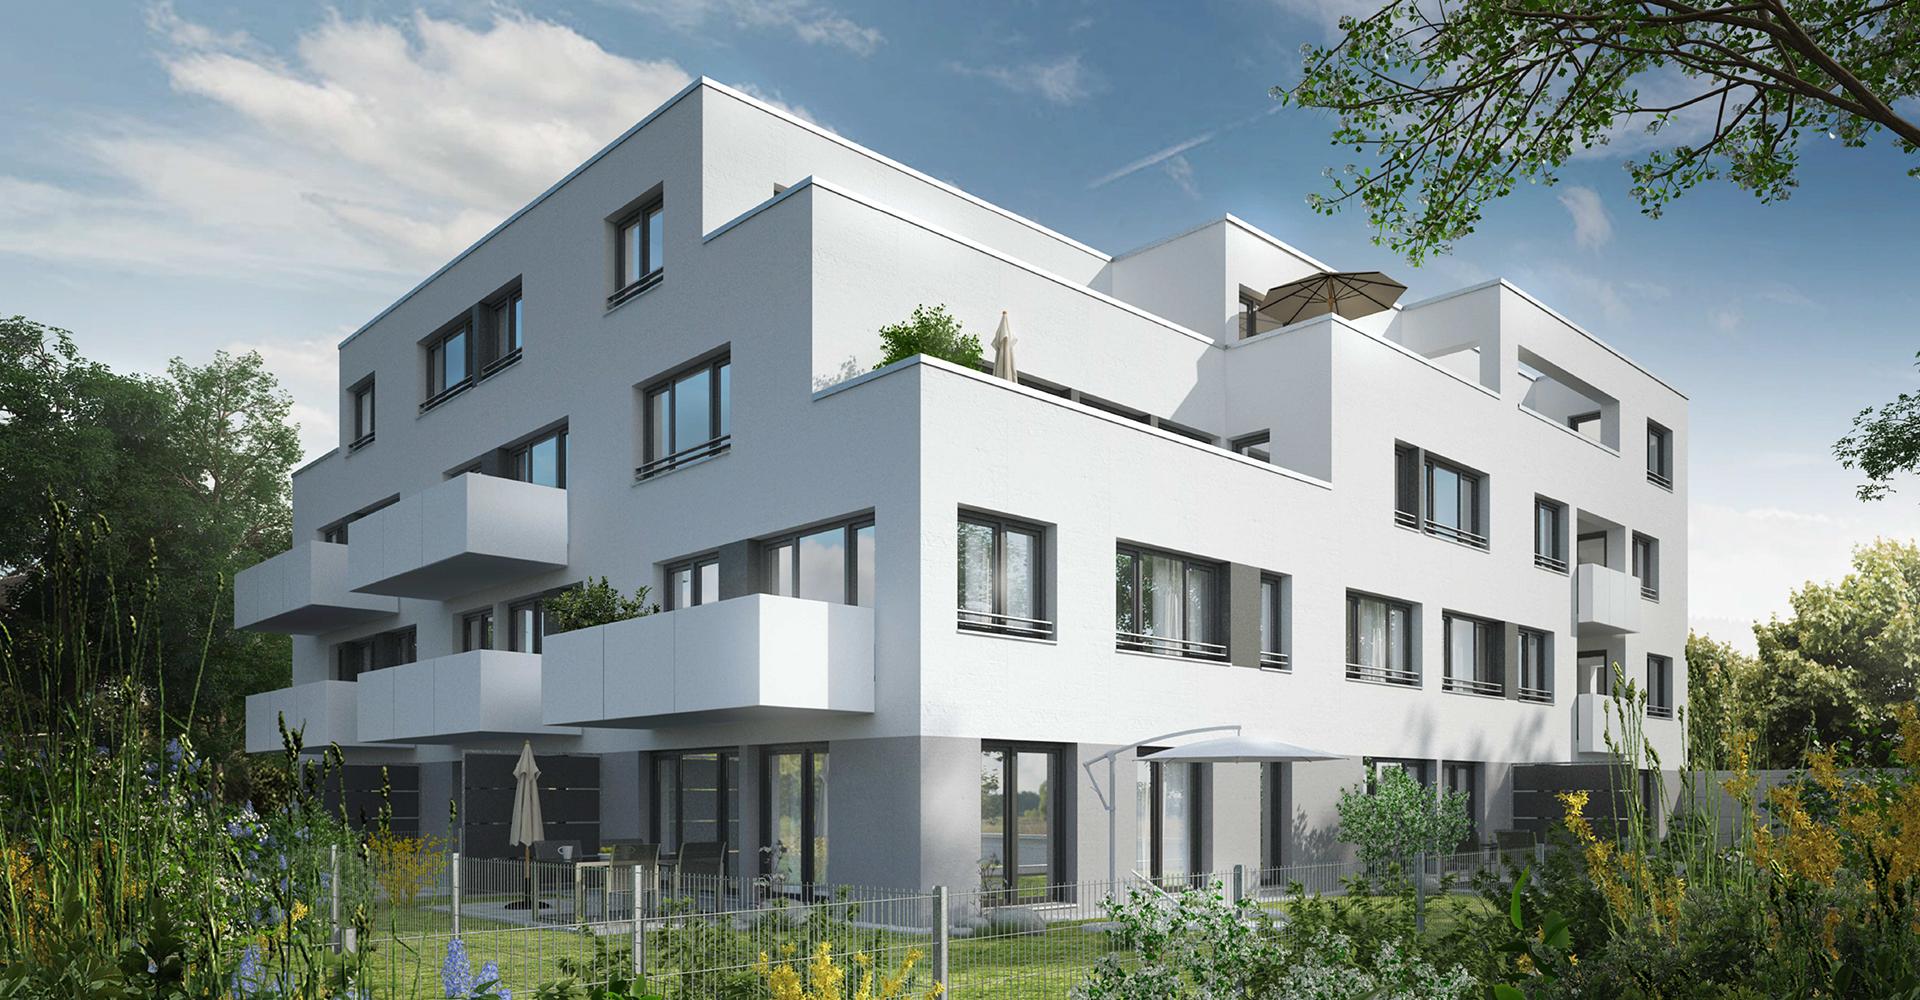 Visualisierung: Eigentumswohnungen in Nürnberg Thon